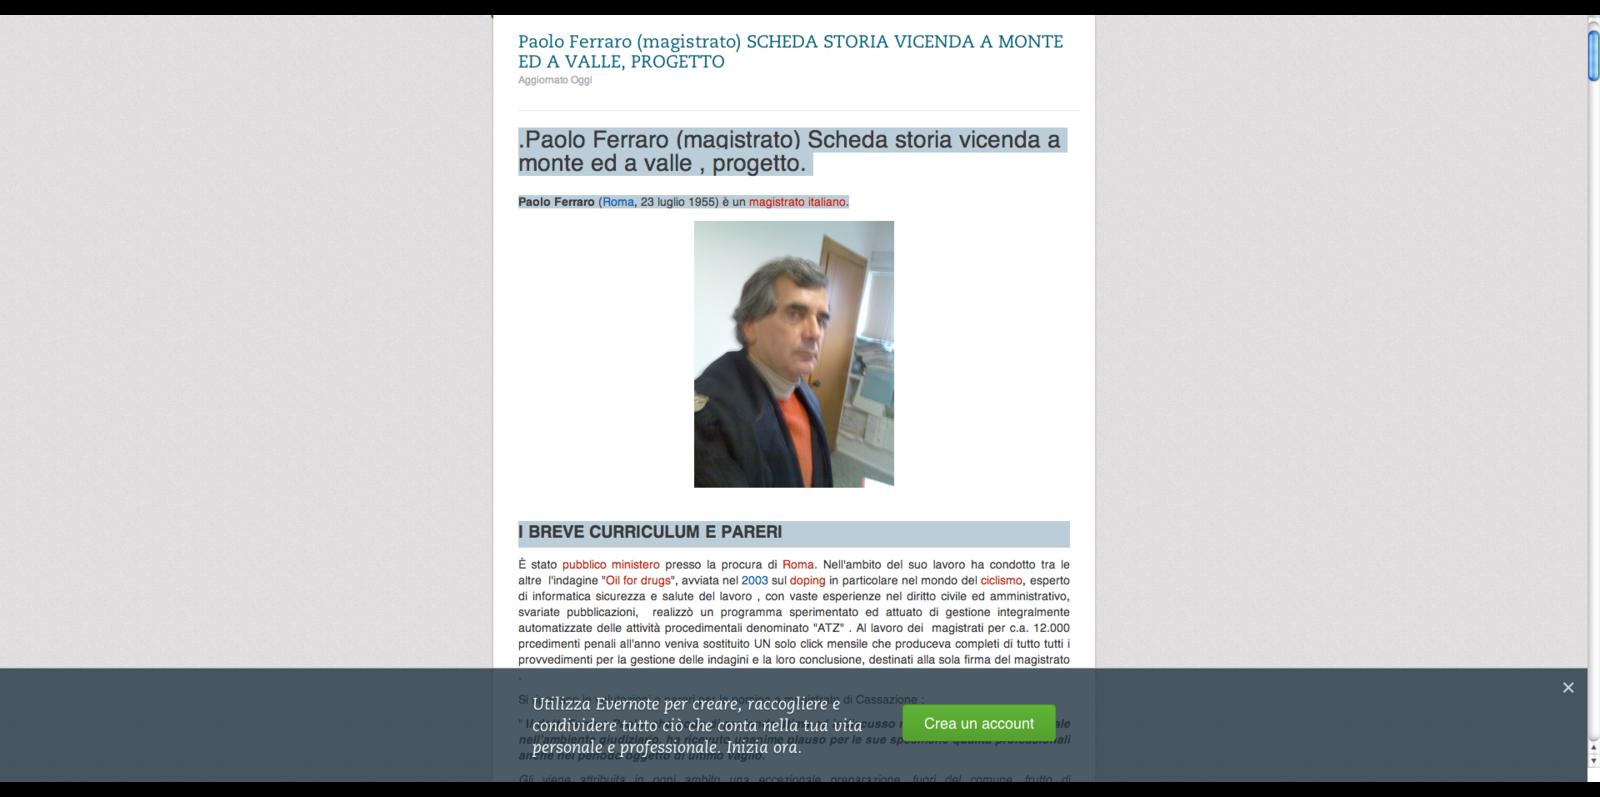 Paolo Ferraro (magistrato) VOCE Scheda storia vicenda a monte ed a valle, progetto. La grandediscovery